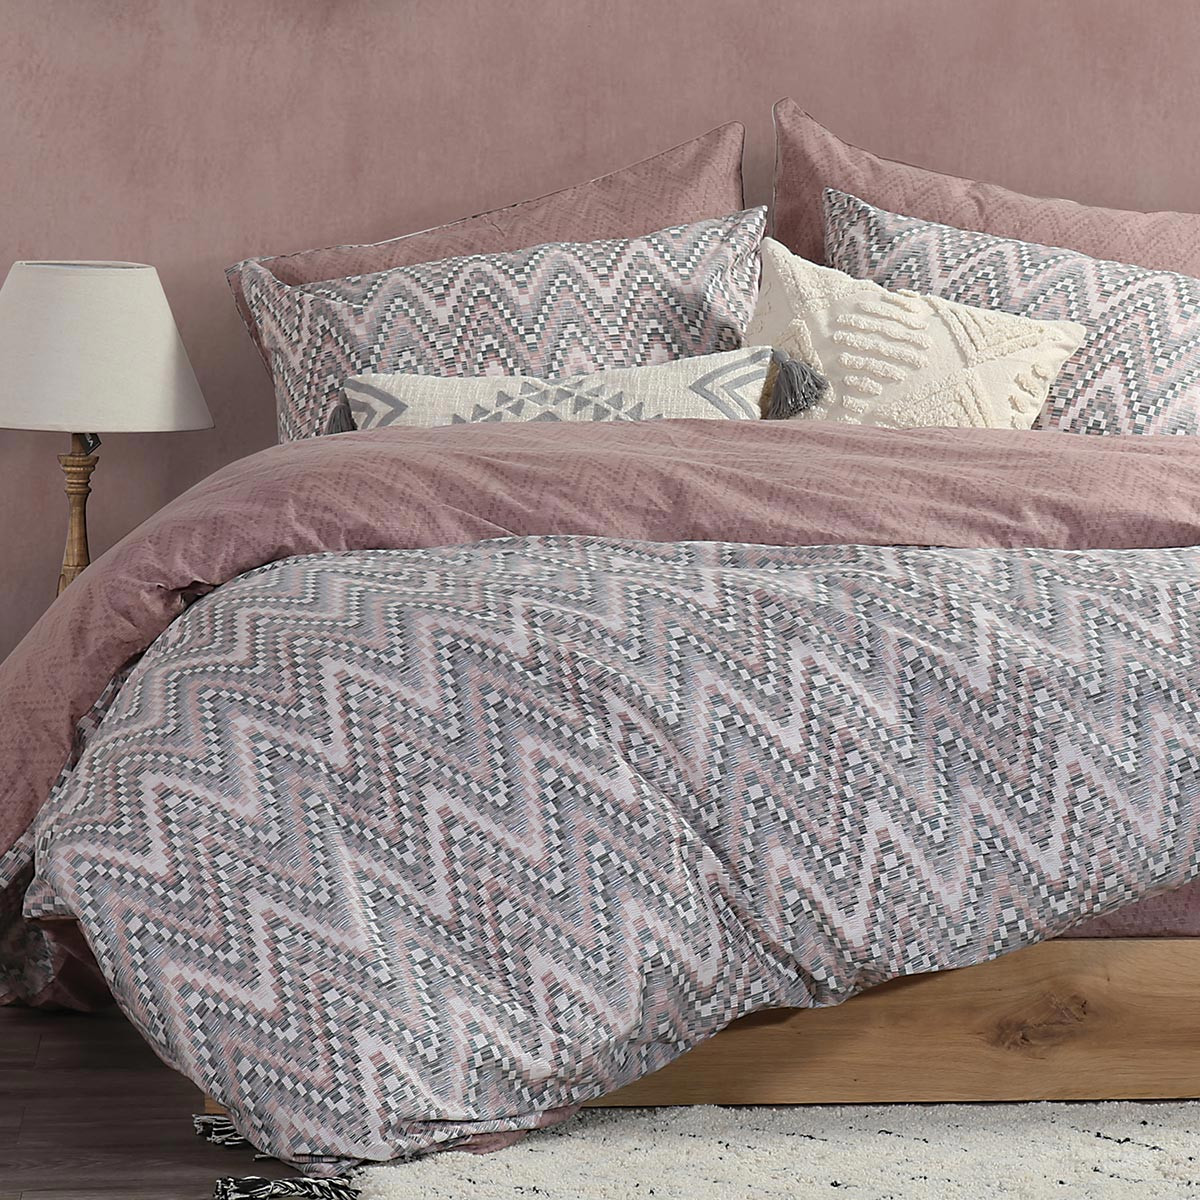 Σεντόνια Υπέρδιπλα (Σετ) Nef-Nef Smart Mozaik Pink